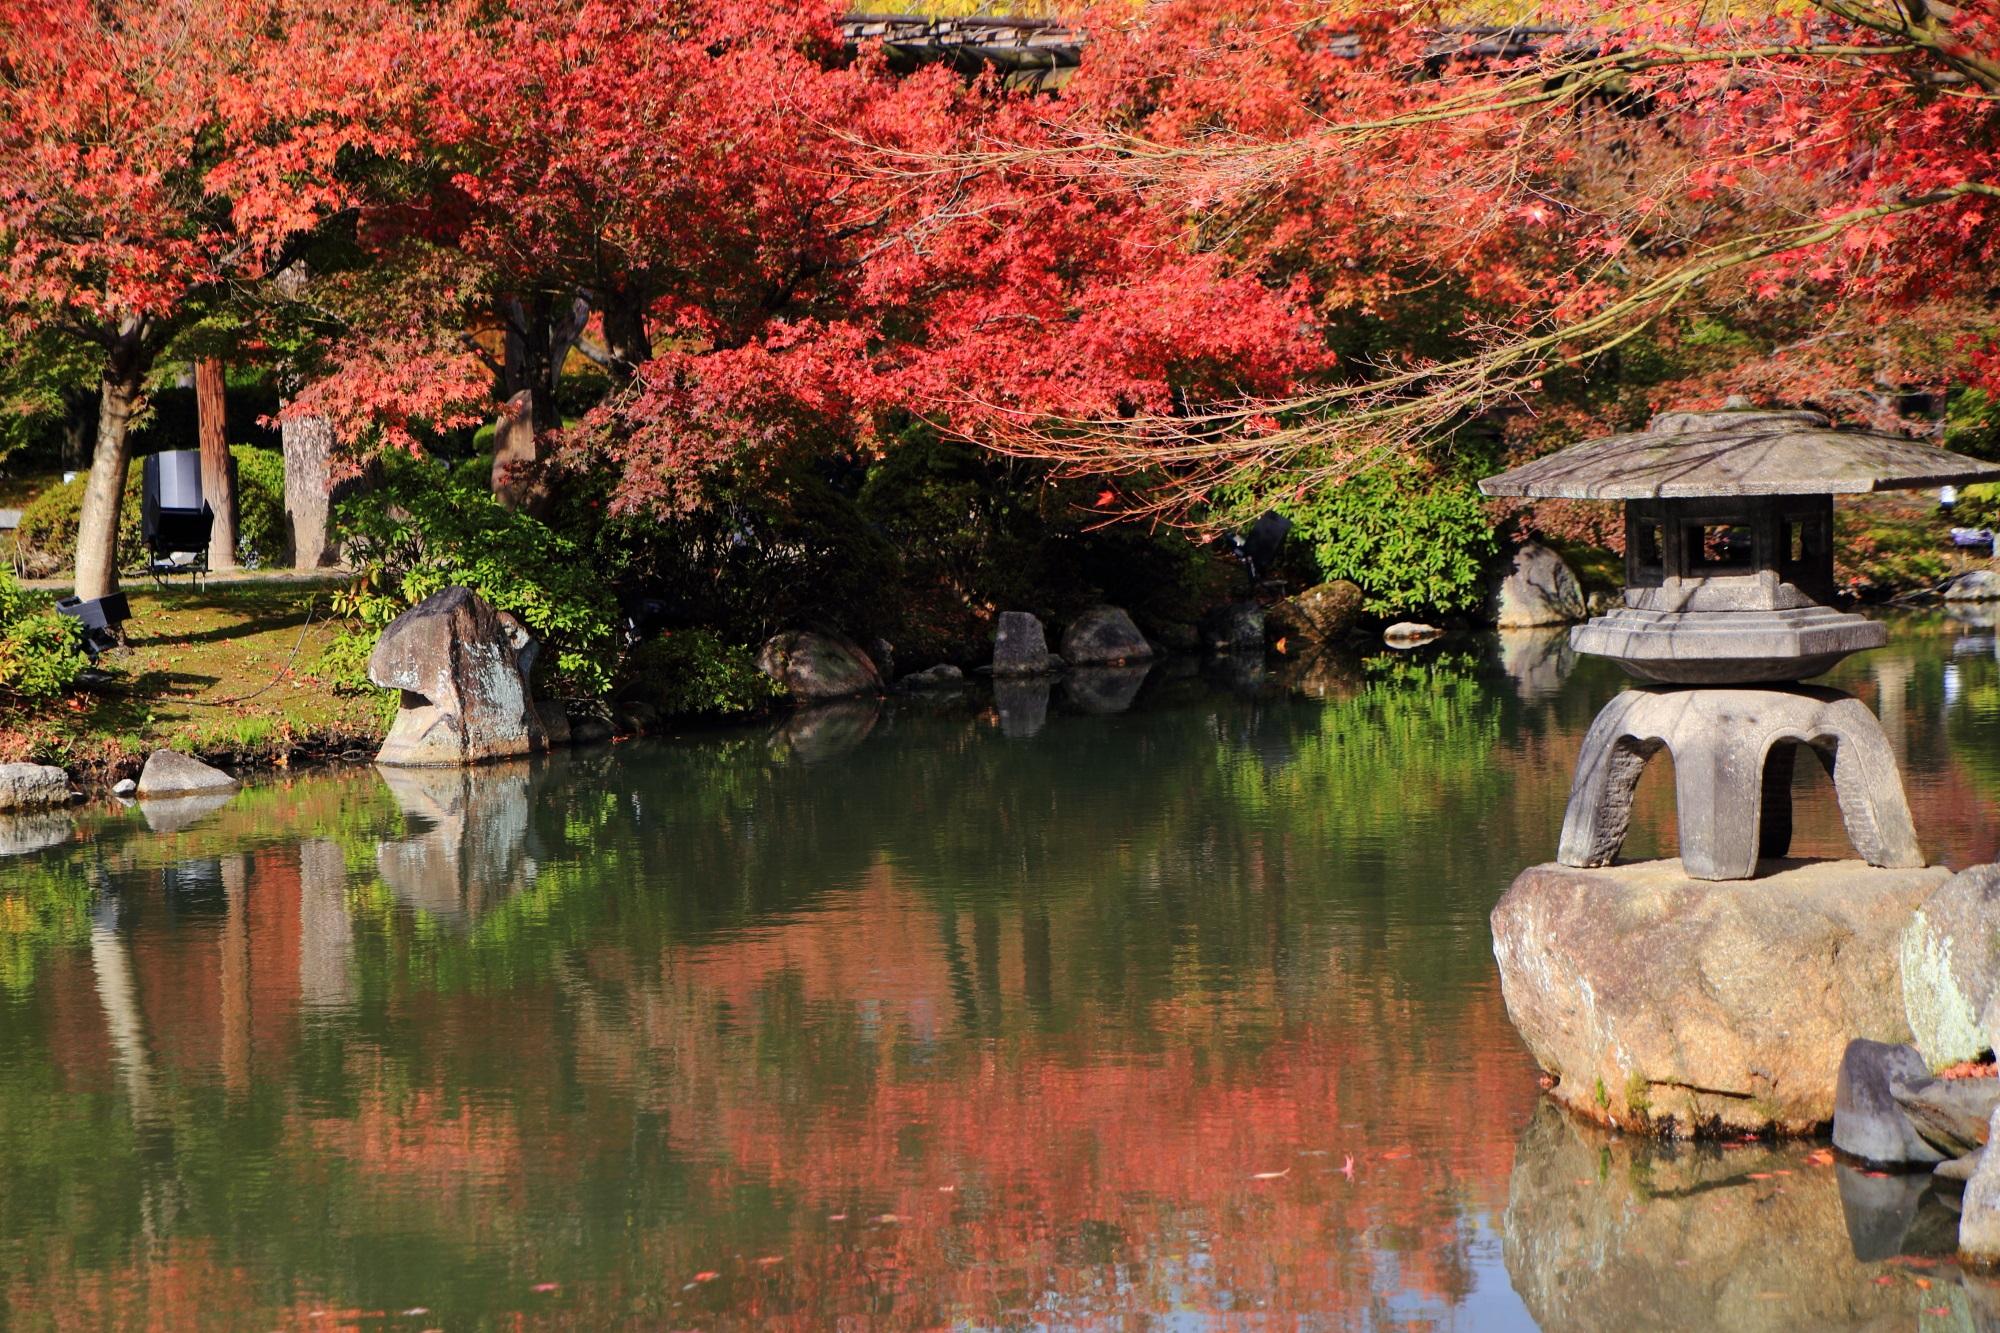 東寺の瓢箪池と灯籠と見ごろの鮮やかな紅葉